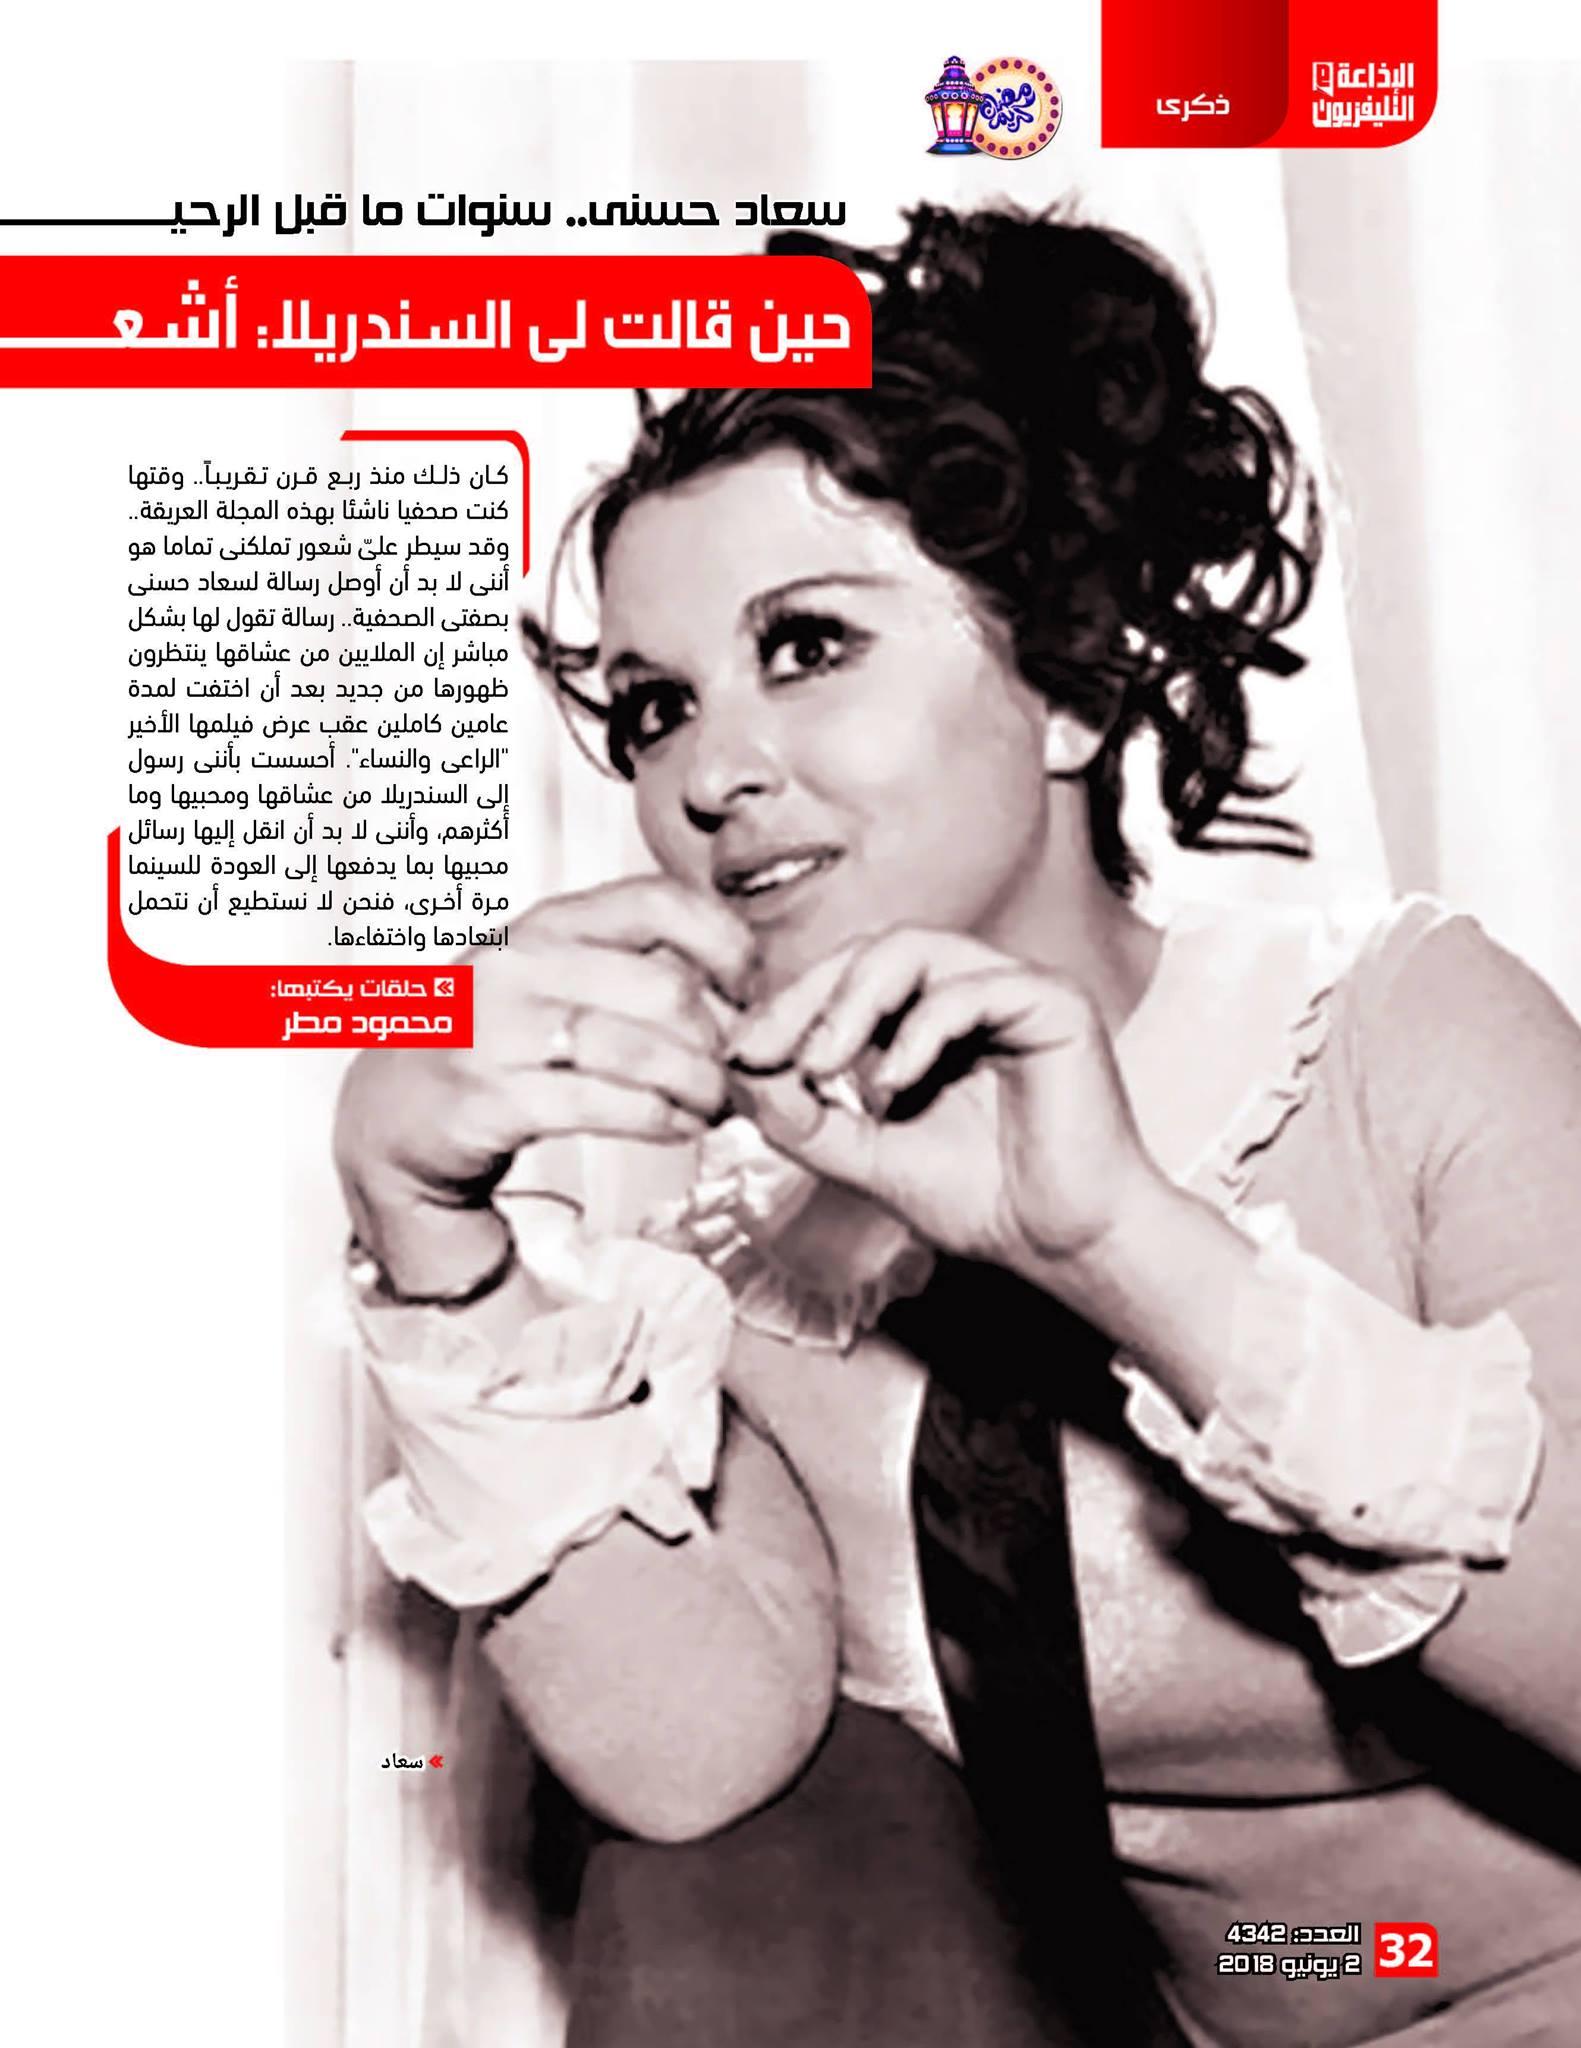 مقال - مقال صحفي : حين قالت لي السندريلا .. أشعر بأن ظهري عدوي الوحيد في هذه الحياة 2018 م 124